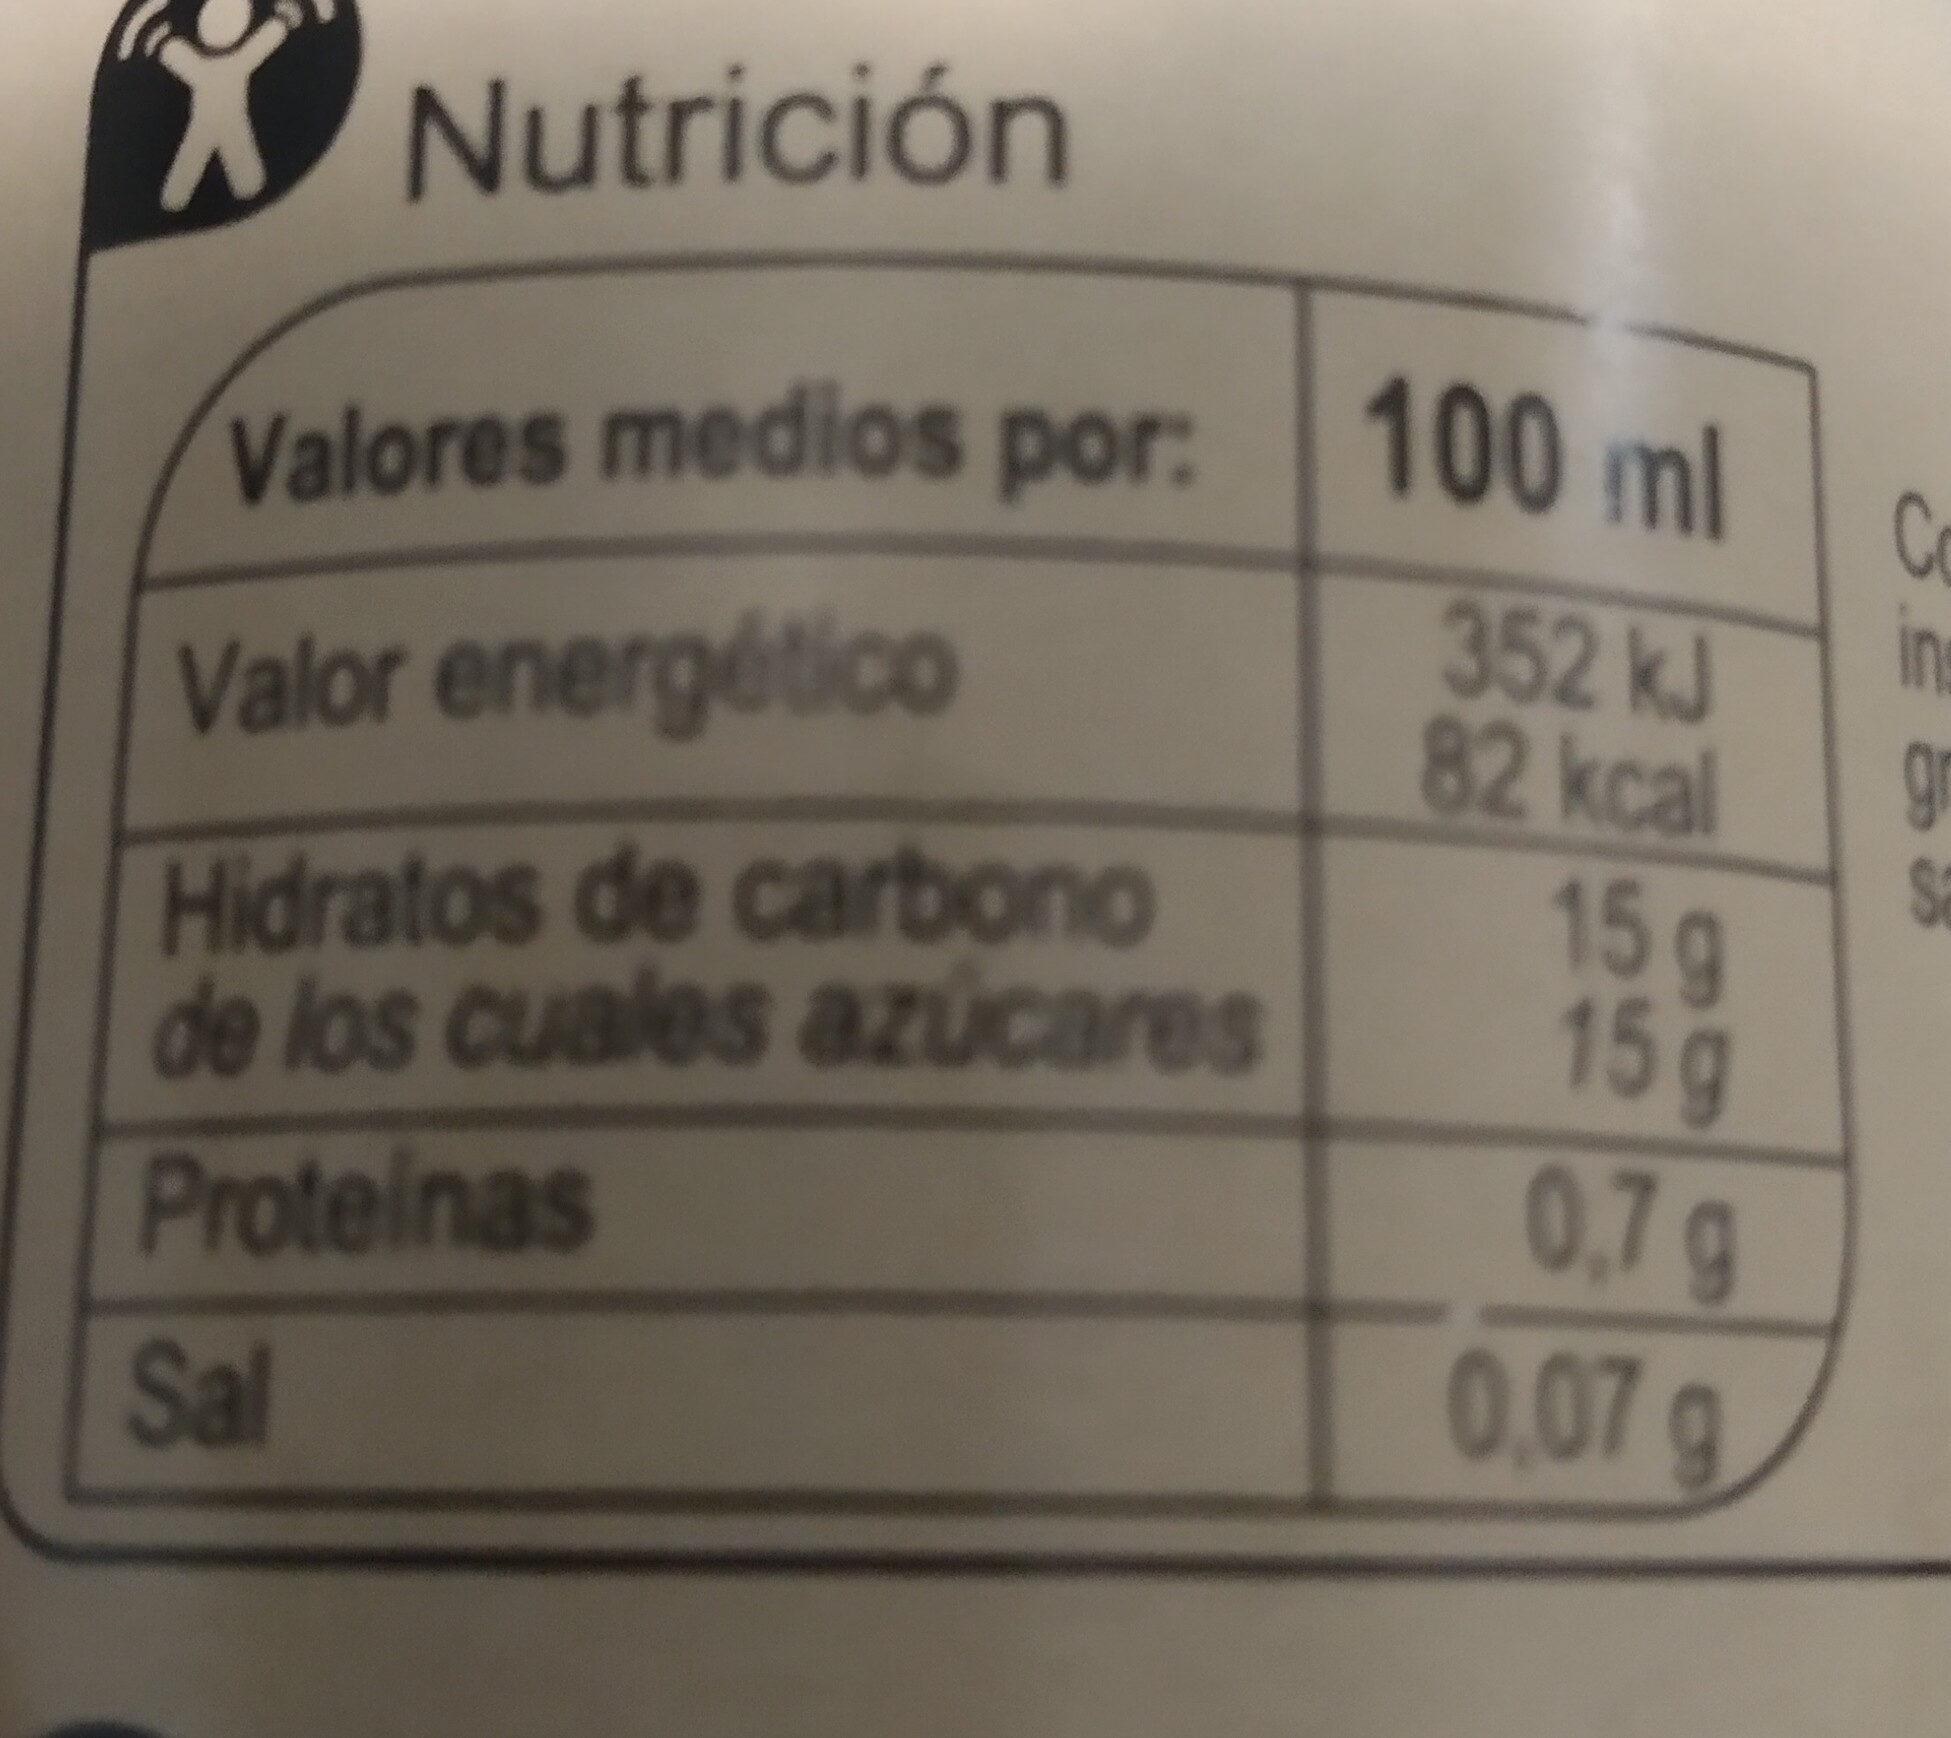 Vinagre de modena balsamico - Nutrition facts - es